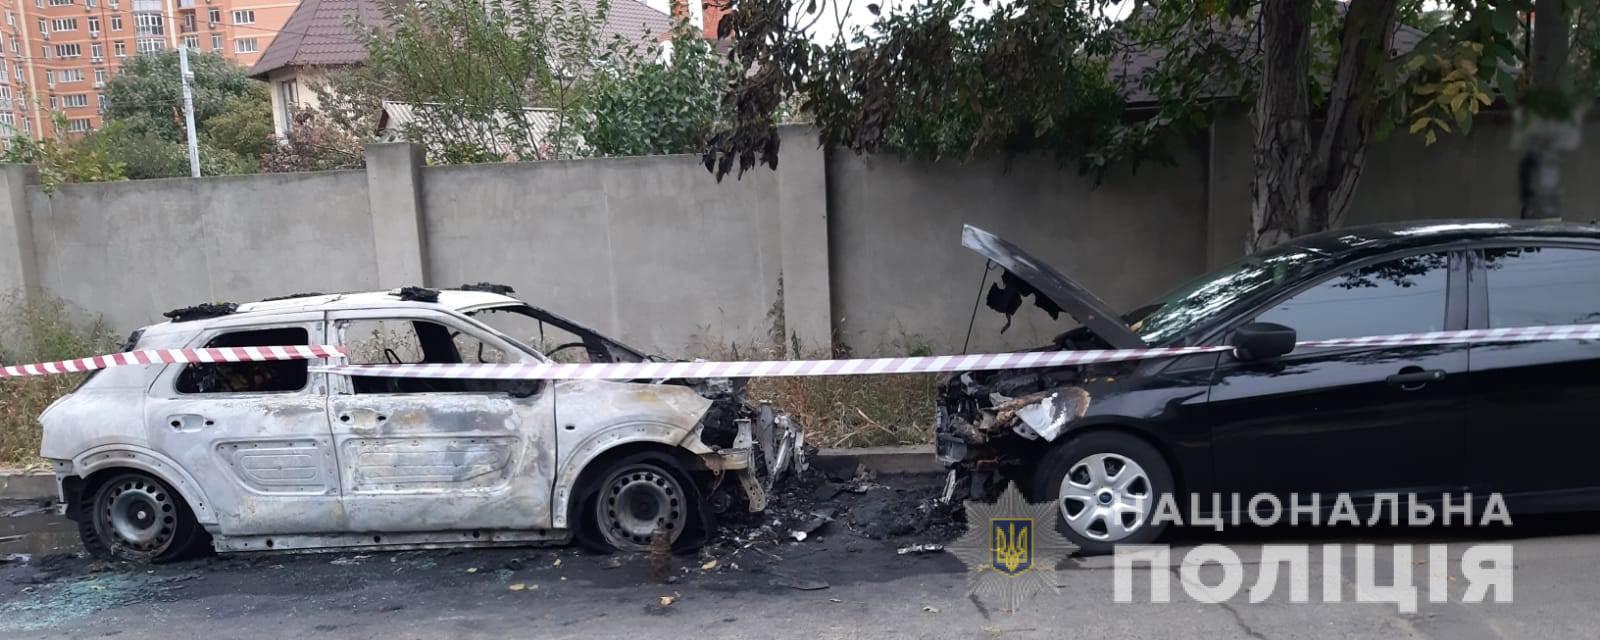 В Киевском районе Одессы сгорели два автомобиля